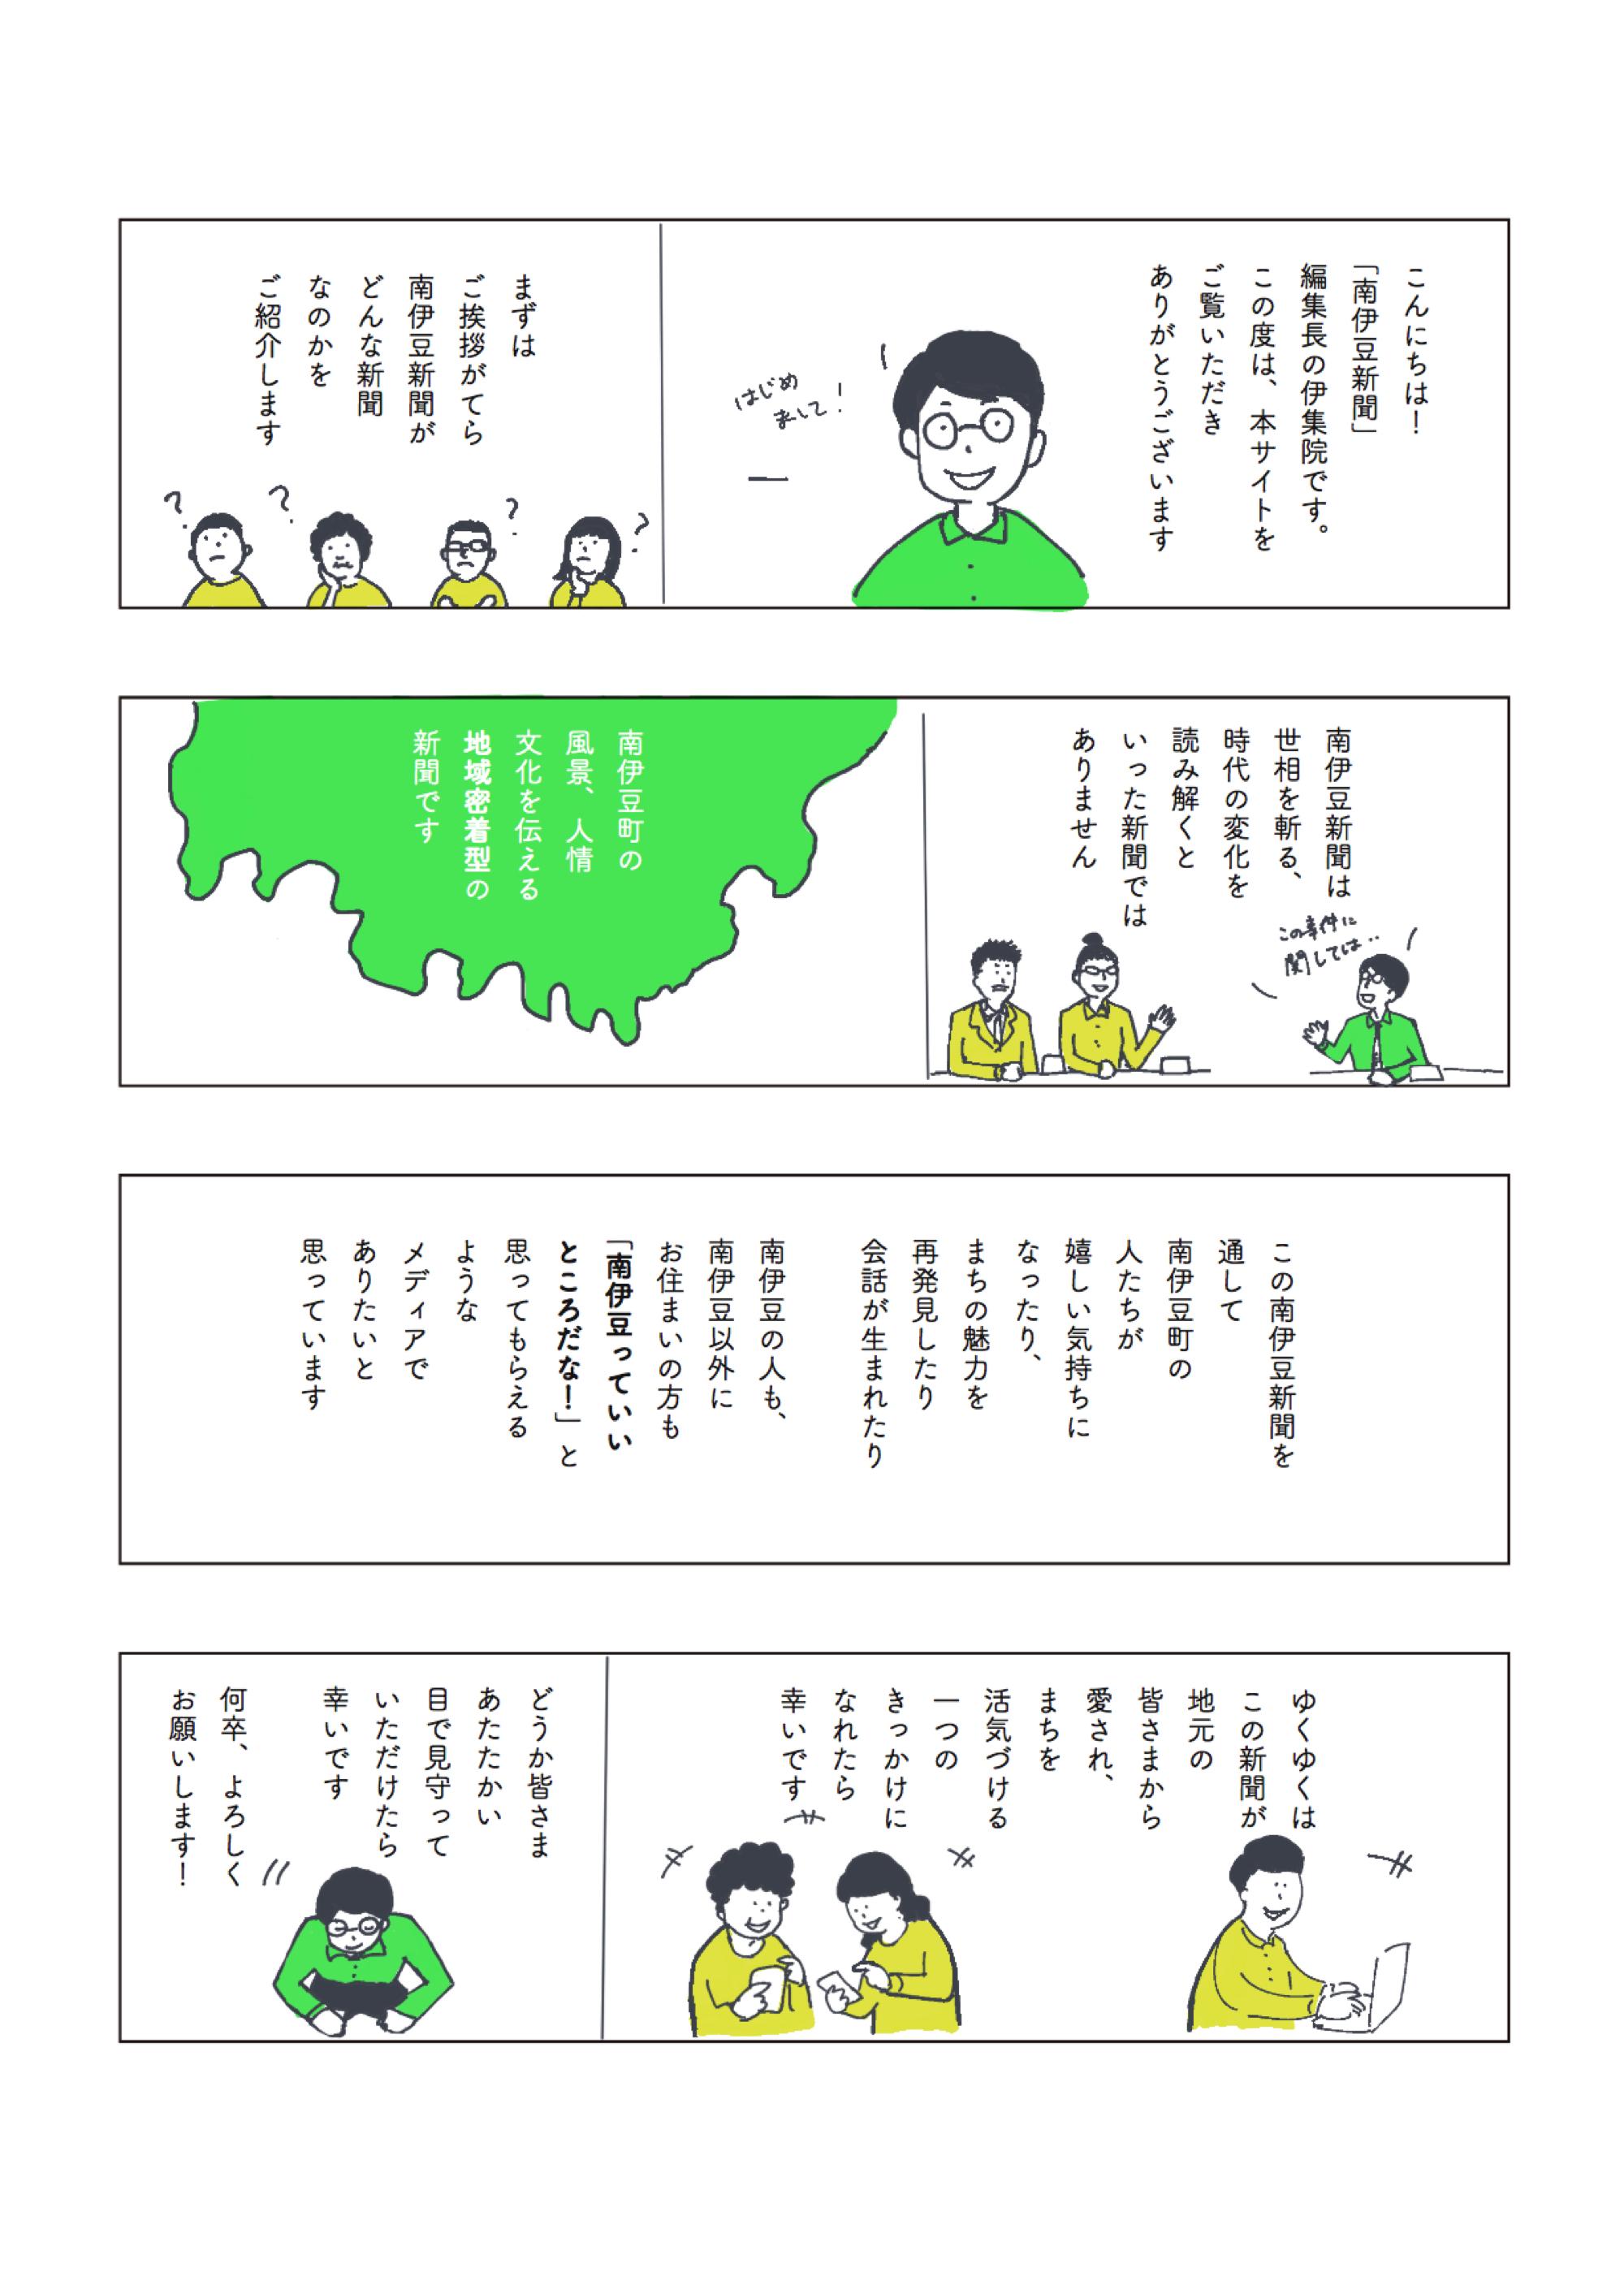 南伊豆新聞始まるよ!